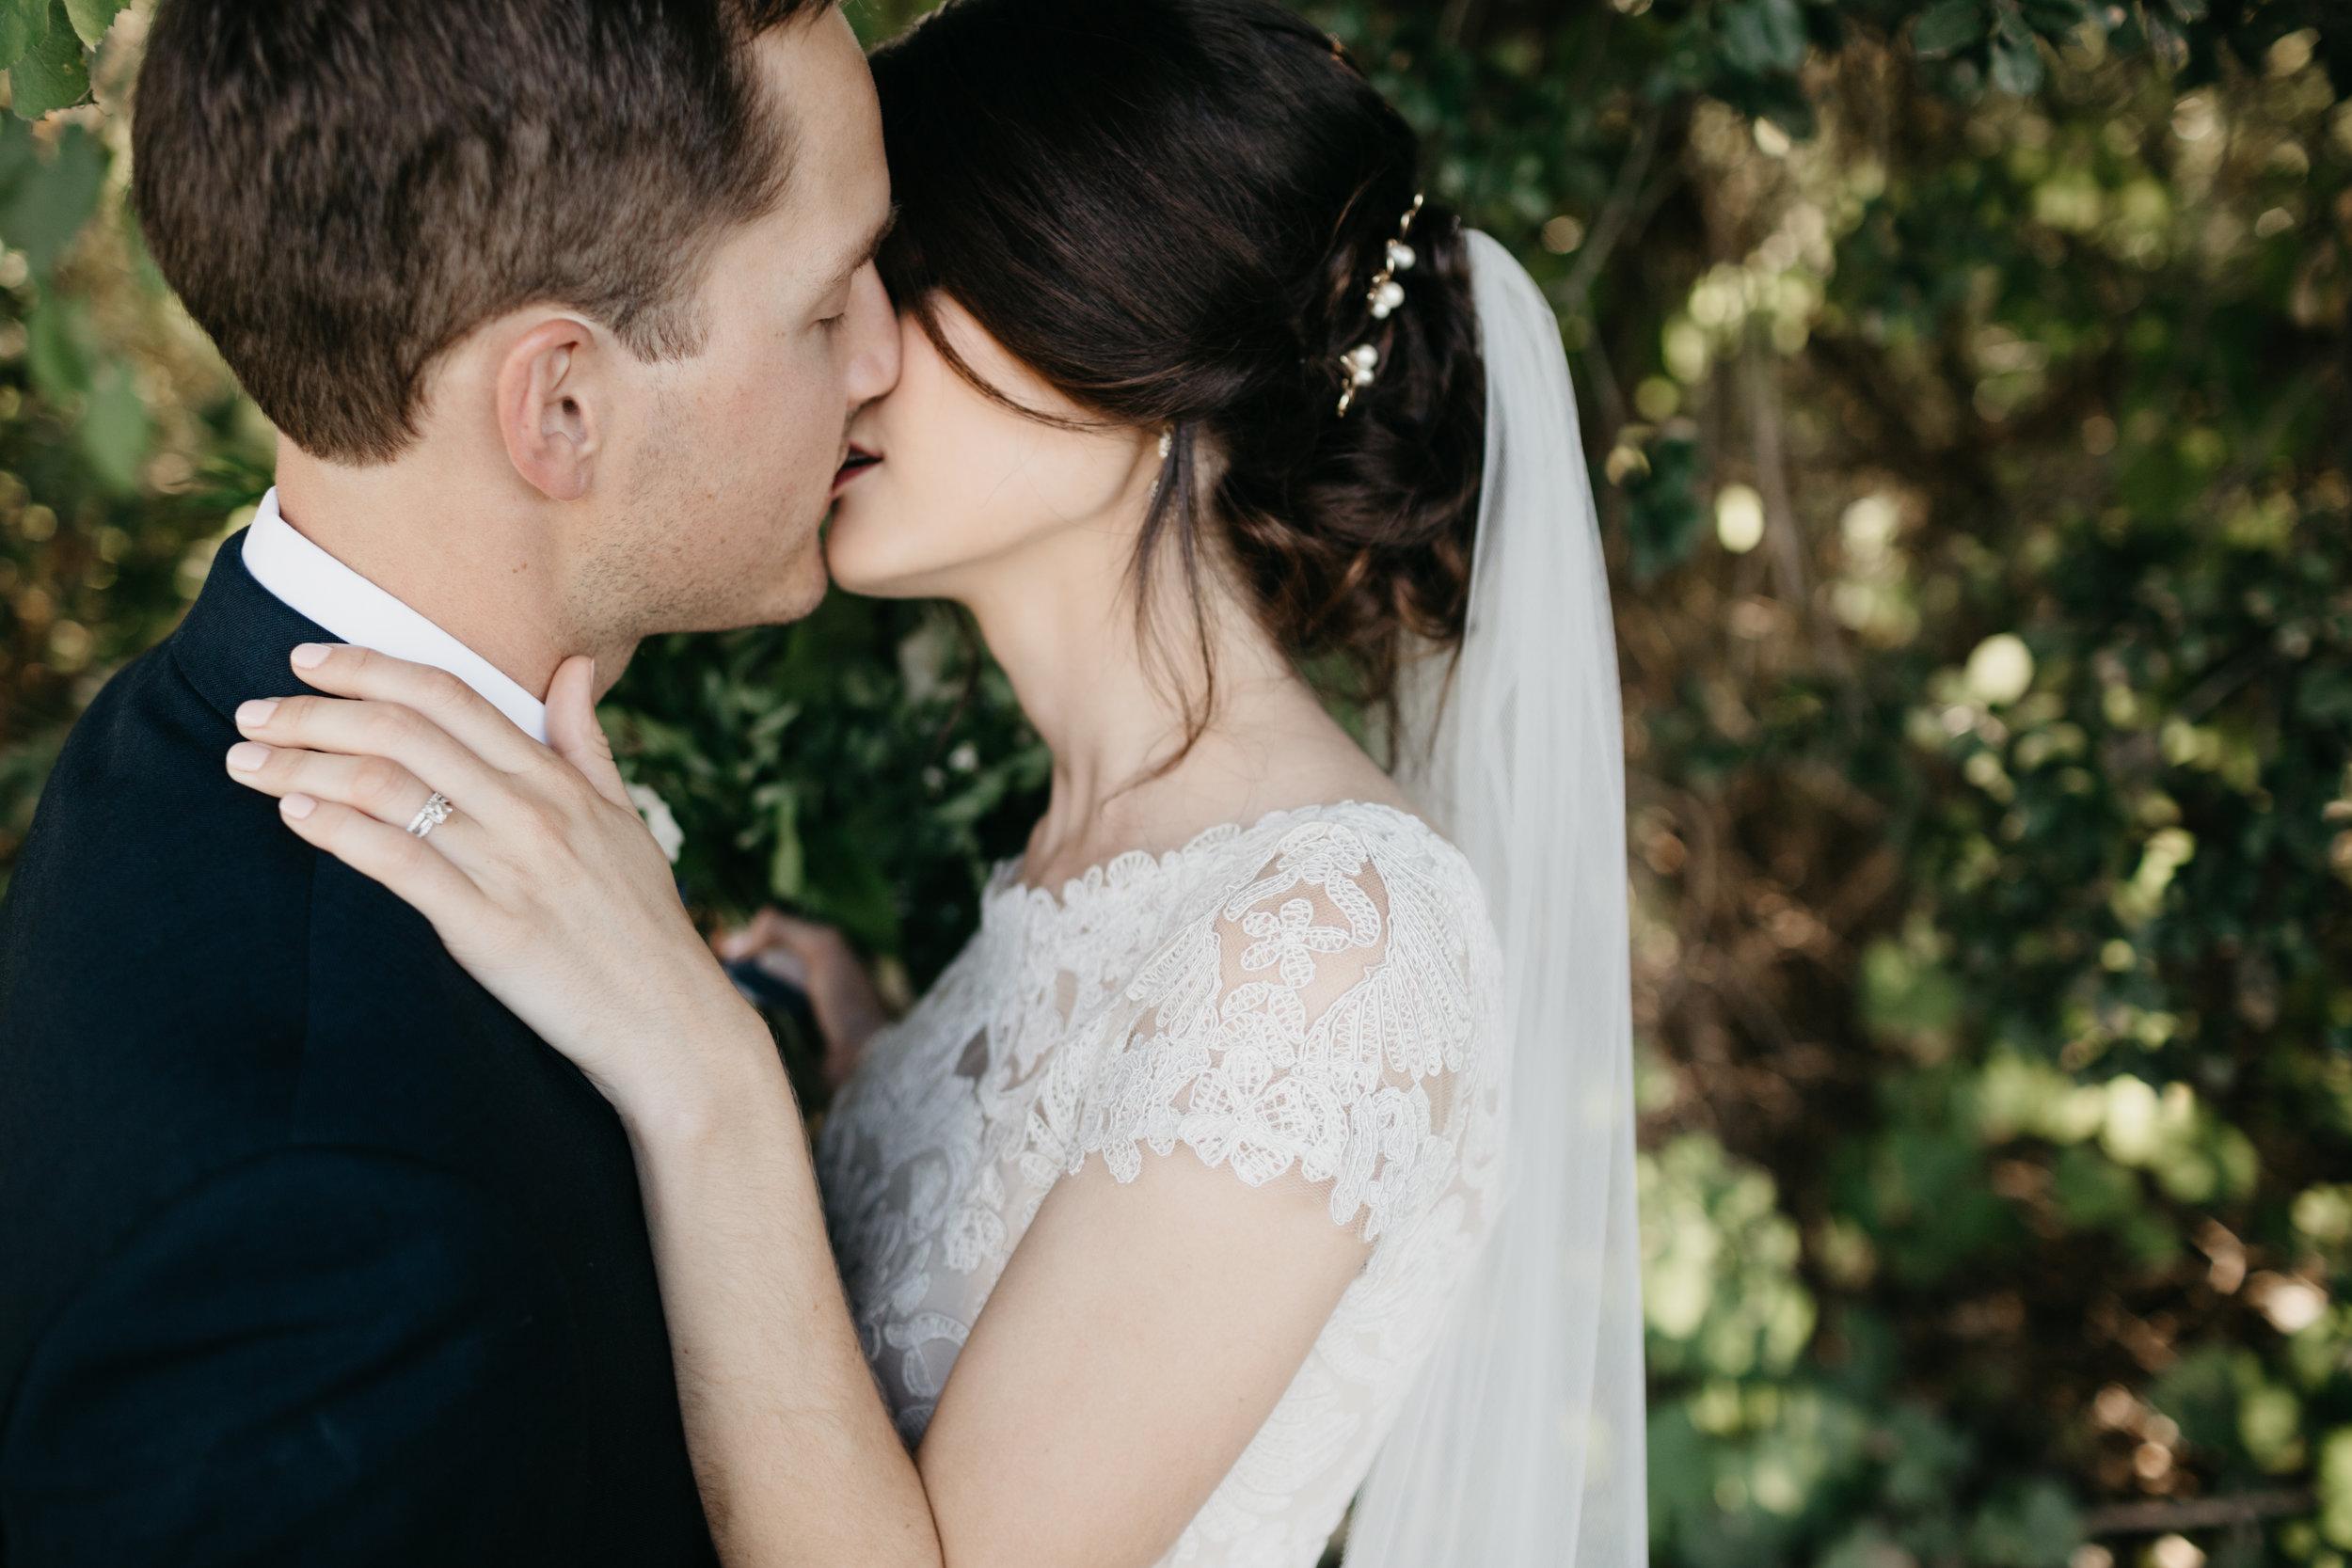 Sep.-Ungersma Wedding-1430.jpg